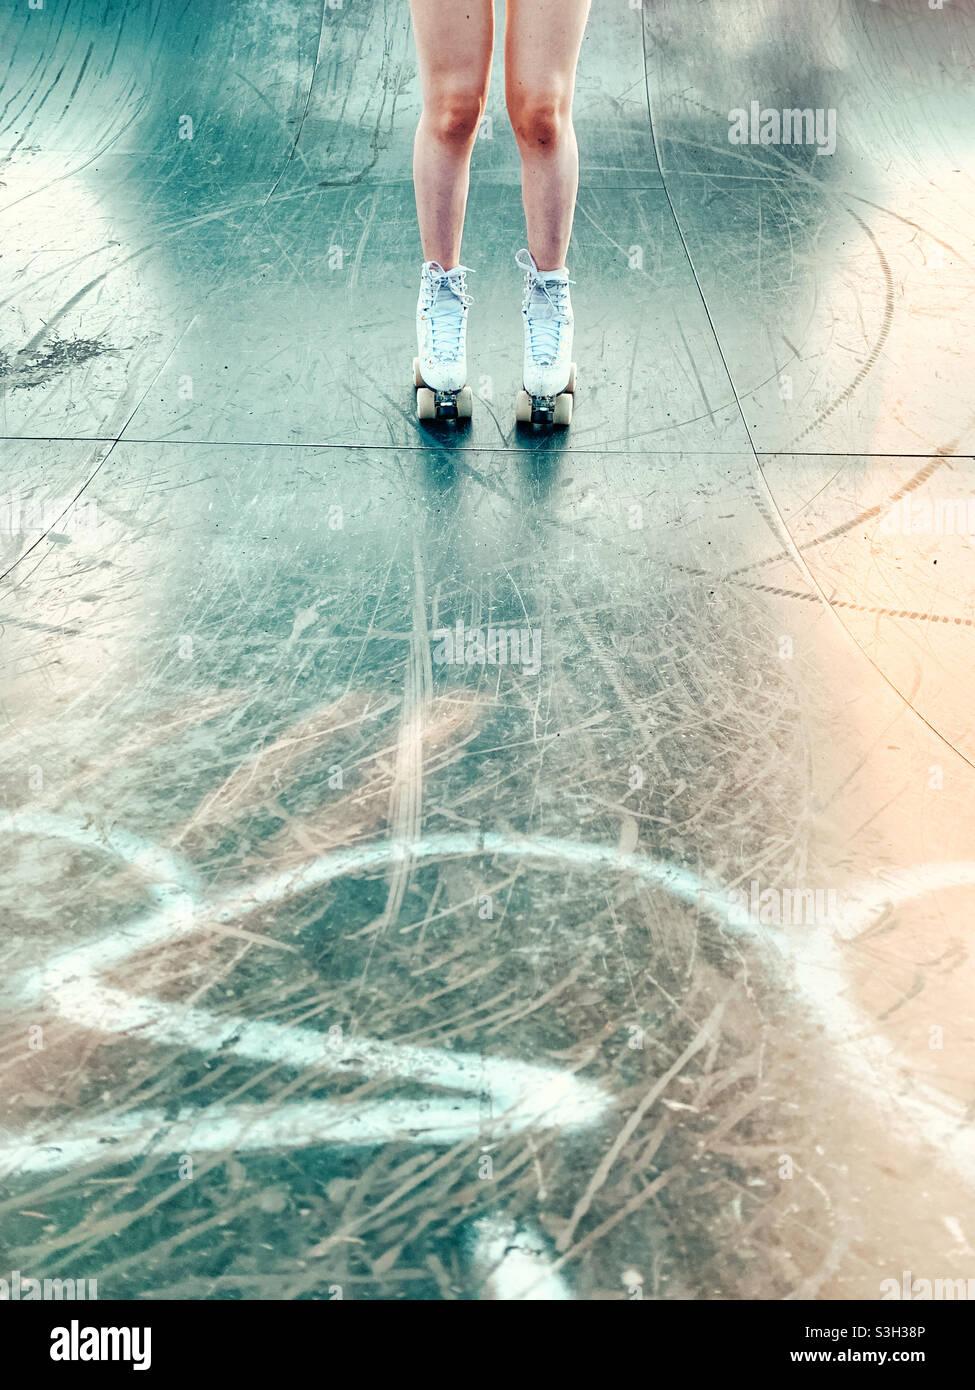 Junge Frauen beim Rollschuhlaufen Stockfoto